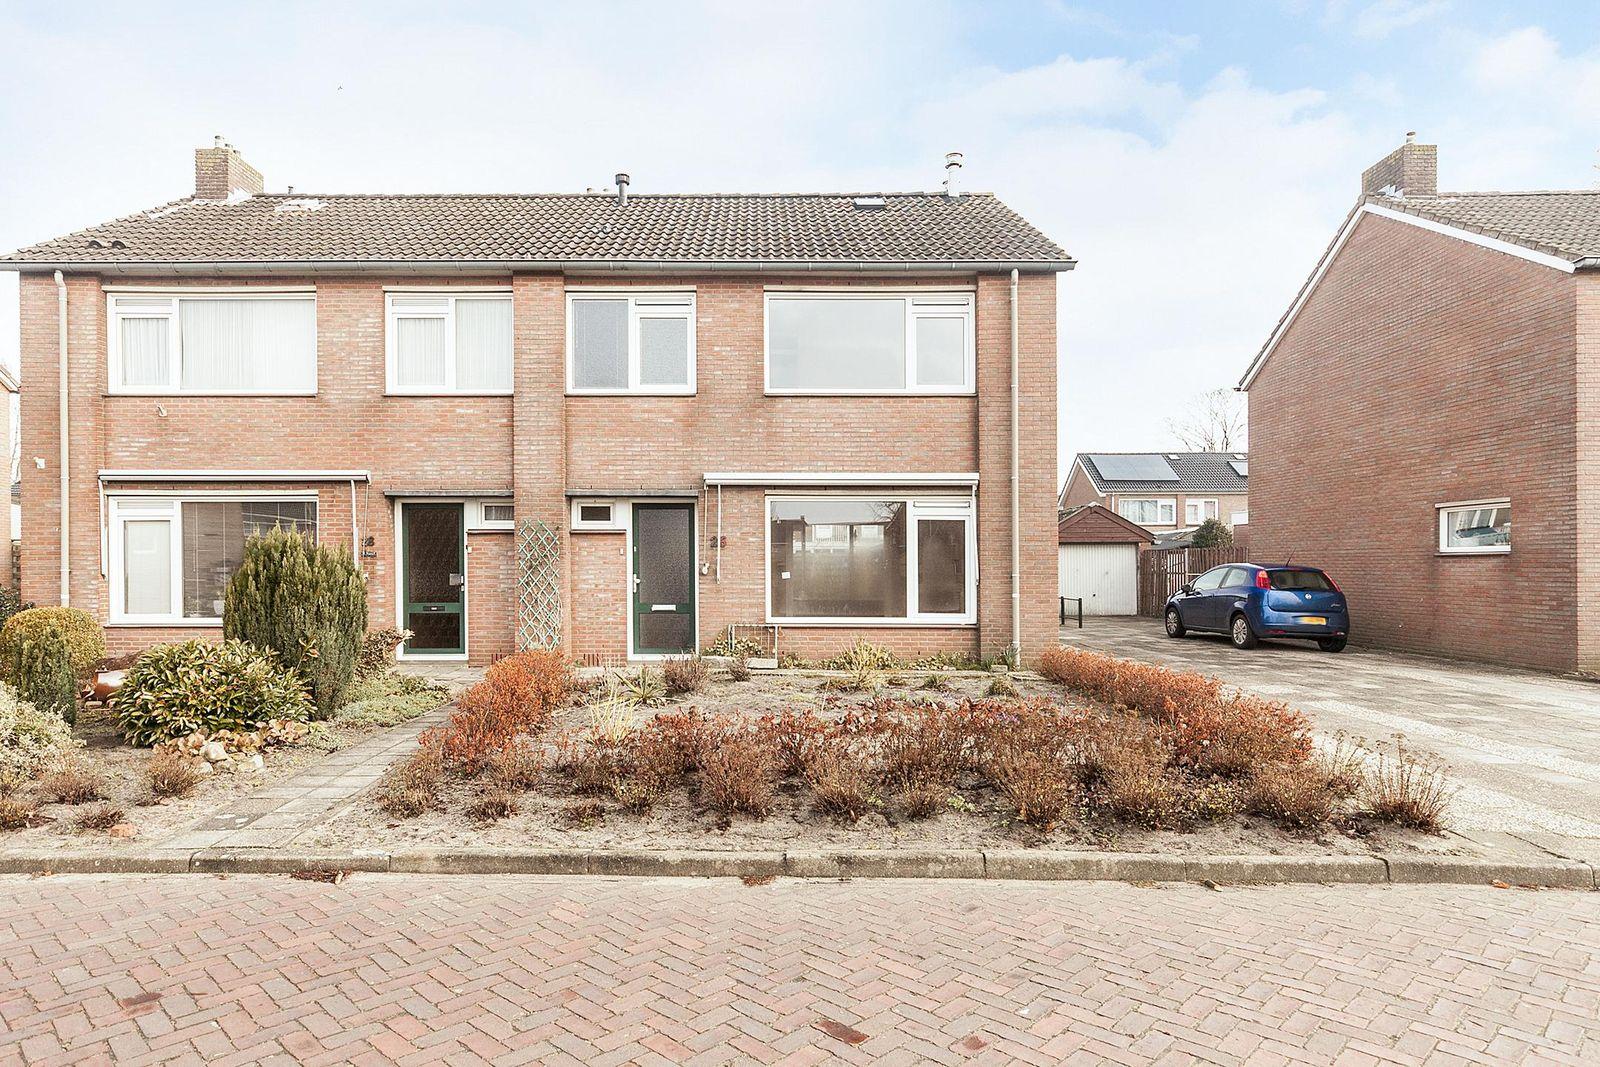 Flintenpad 26, Schoonebeek